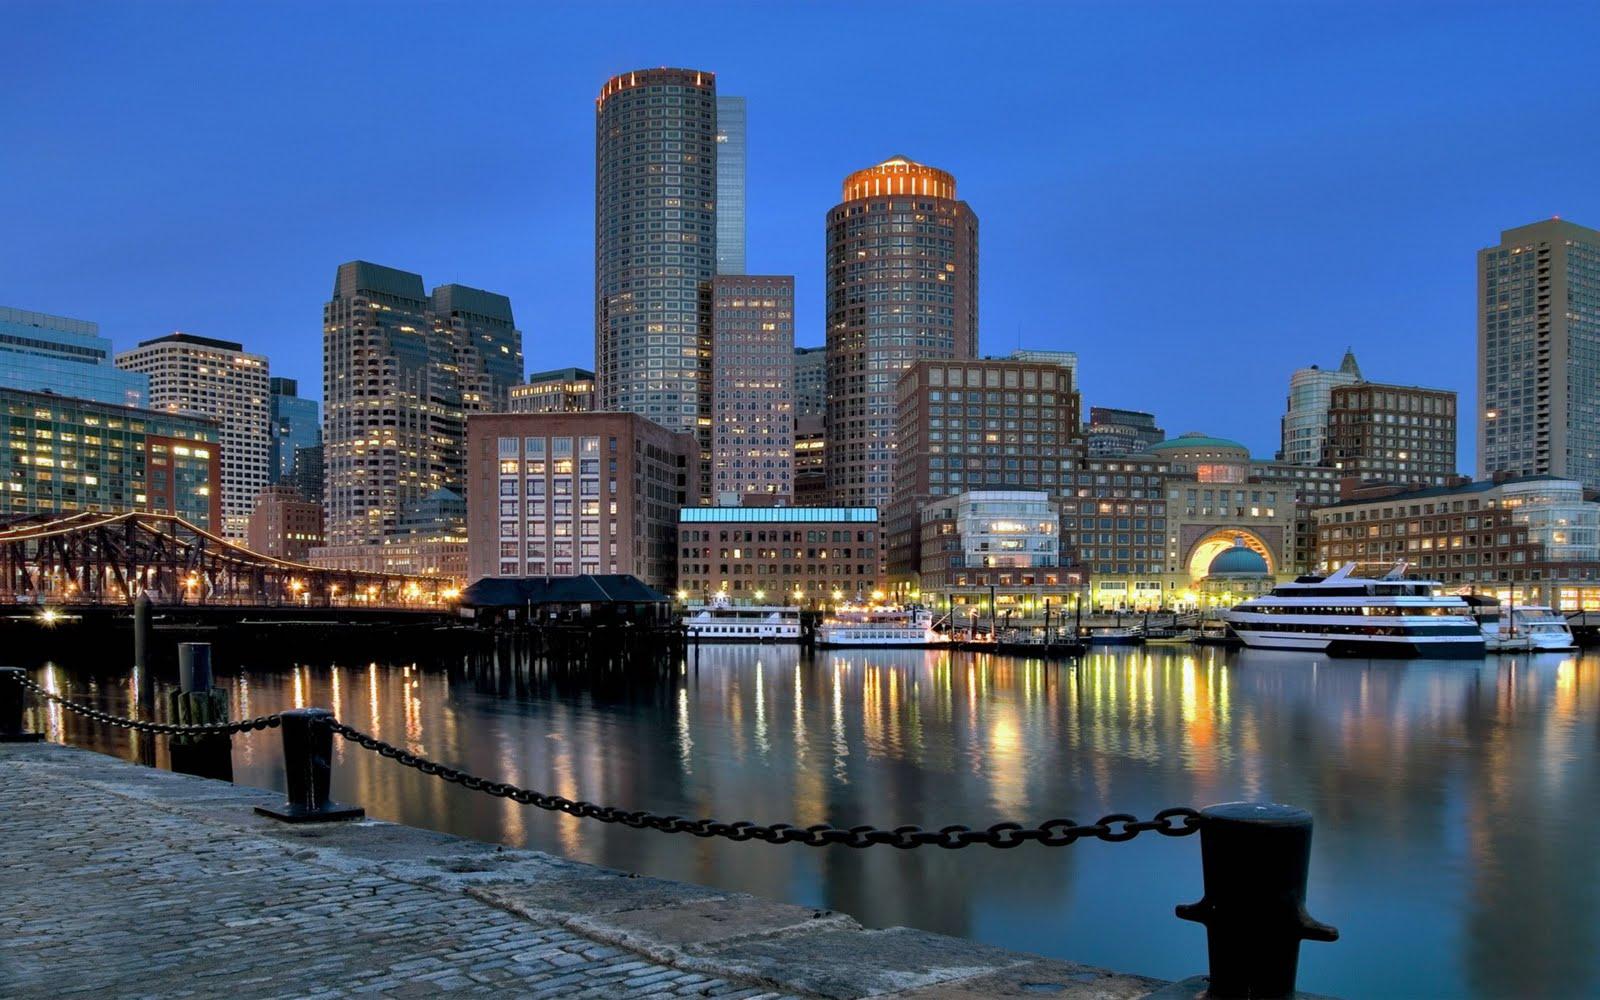 http://4.bp.blogspot.com/_pdzHm9ymj4Q/TQ5N8i_5uQI/AAAAAAAACXw/Li8pmJxtFZ0/s1600/boston_skyline.jpg